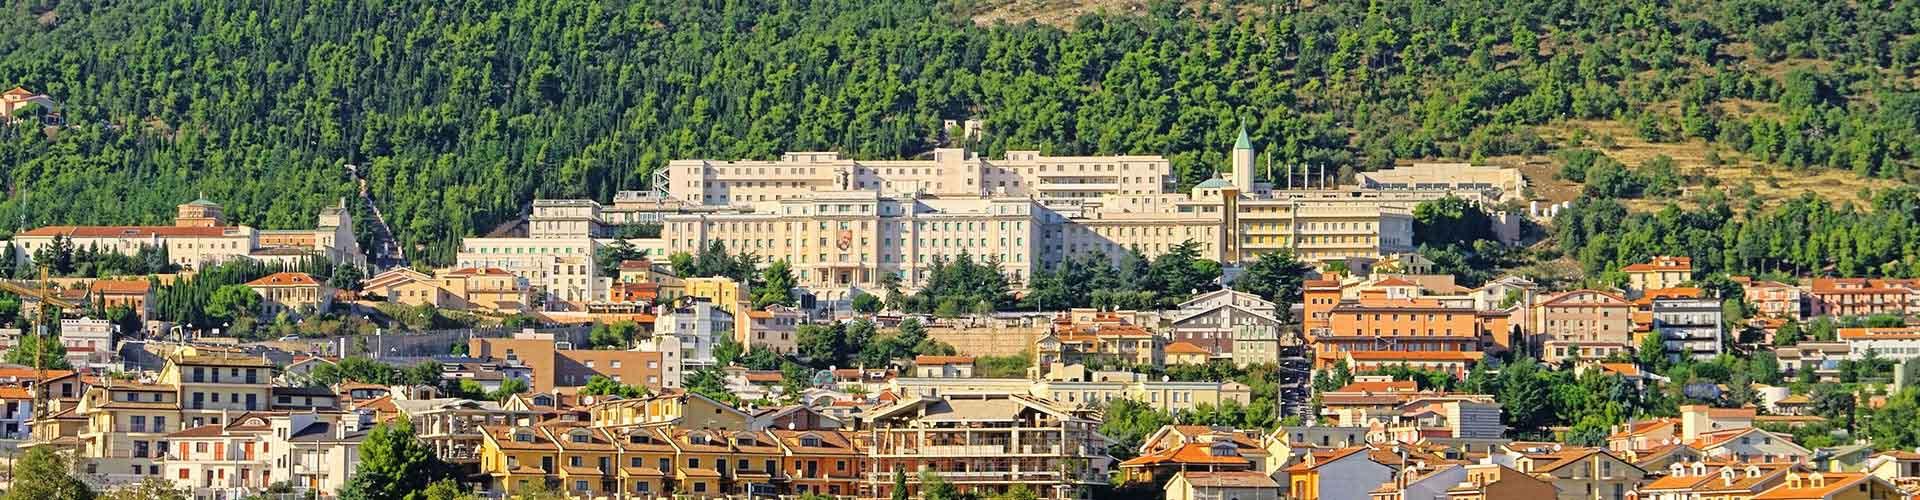 Florence - Hôtels dans le quartier de San Giovanni. Cartes pour Florence, photos et commentaires pour chaque hôtel à Florence.